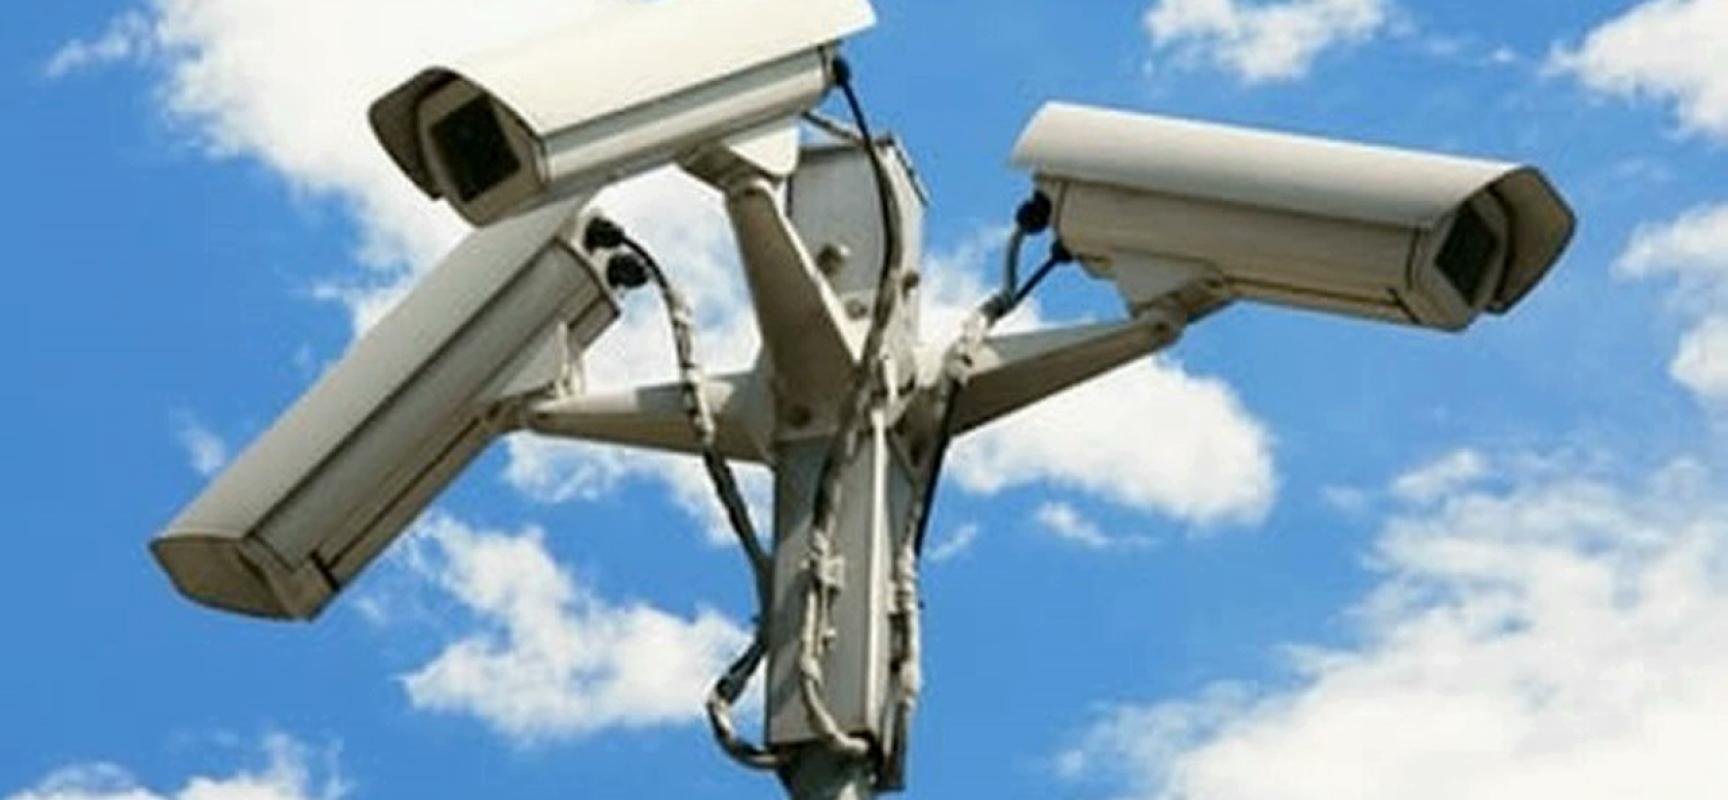 Il sindaco e il prefetto sottoscrivono il Patto per l'attuazione della sicurezza urbana: prevista l'installazione di 36 nuove telecamere